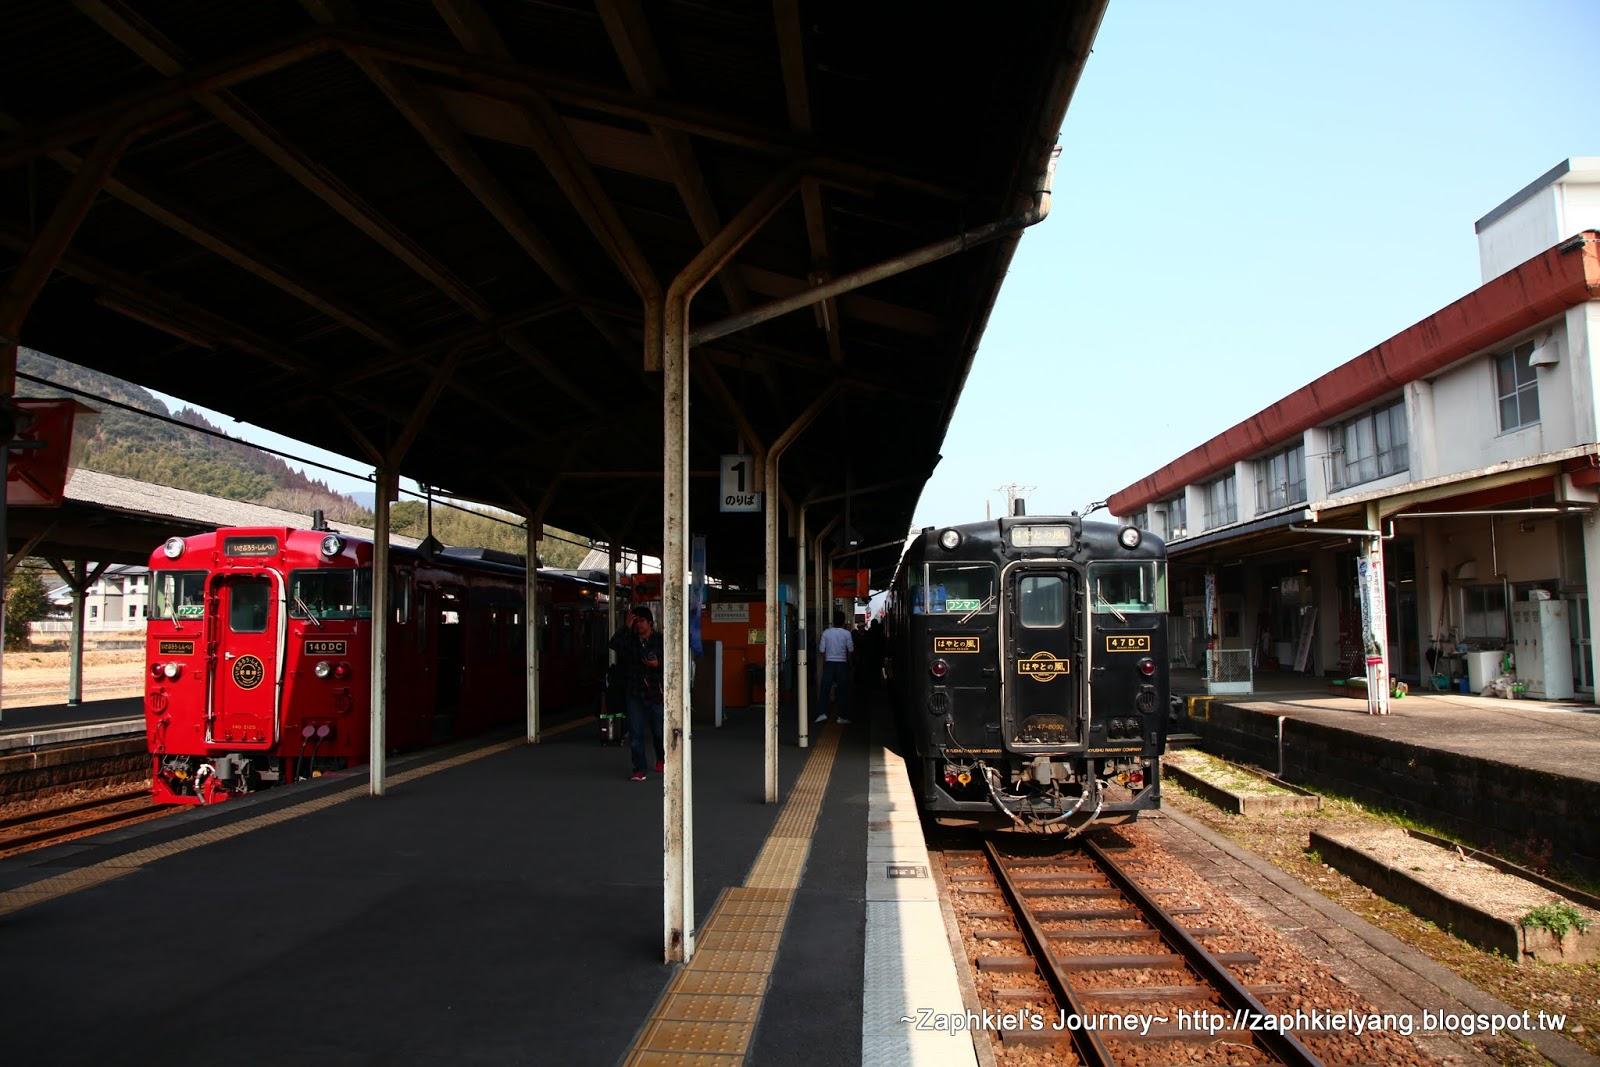 【日本 九州】日本九州七日行 - JR九州鐵道車窗之旅肥薩線